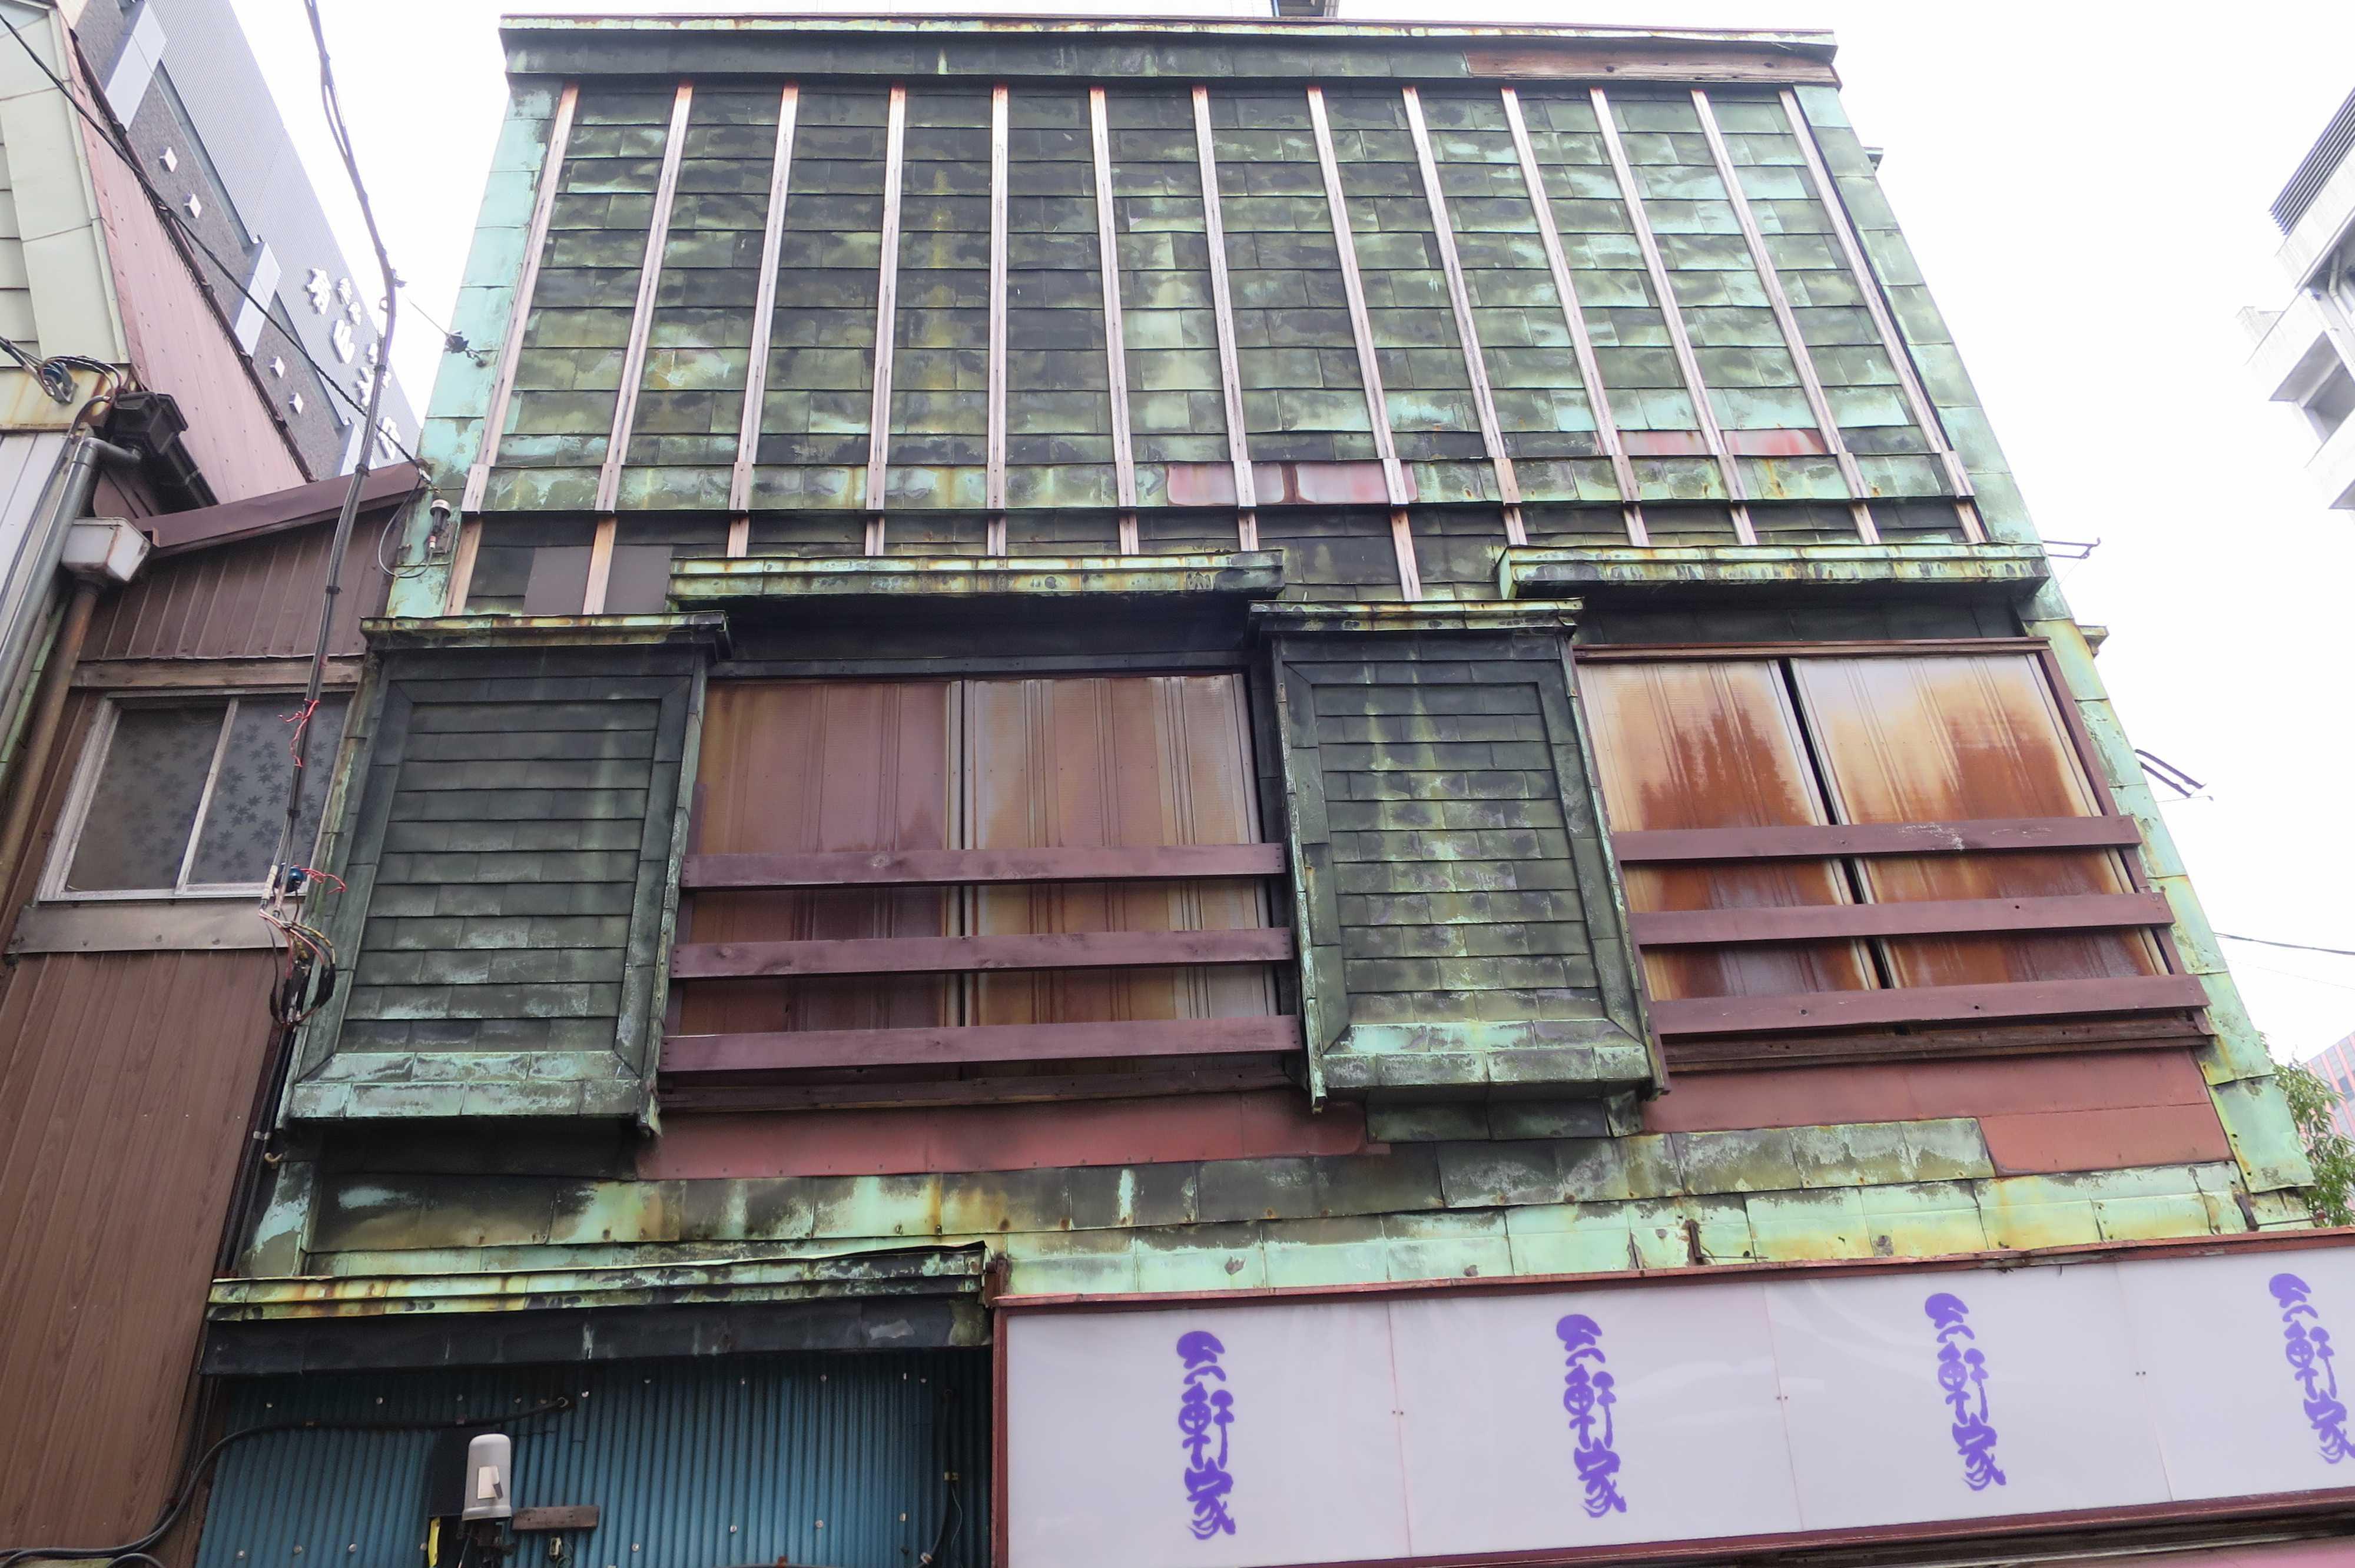 歴史的な建造物と市場が一体となった「築地」